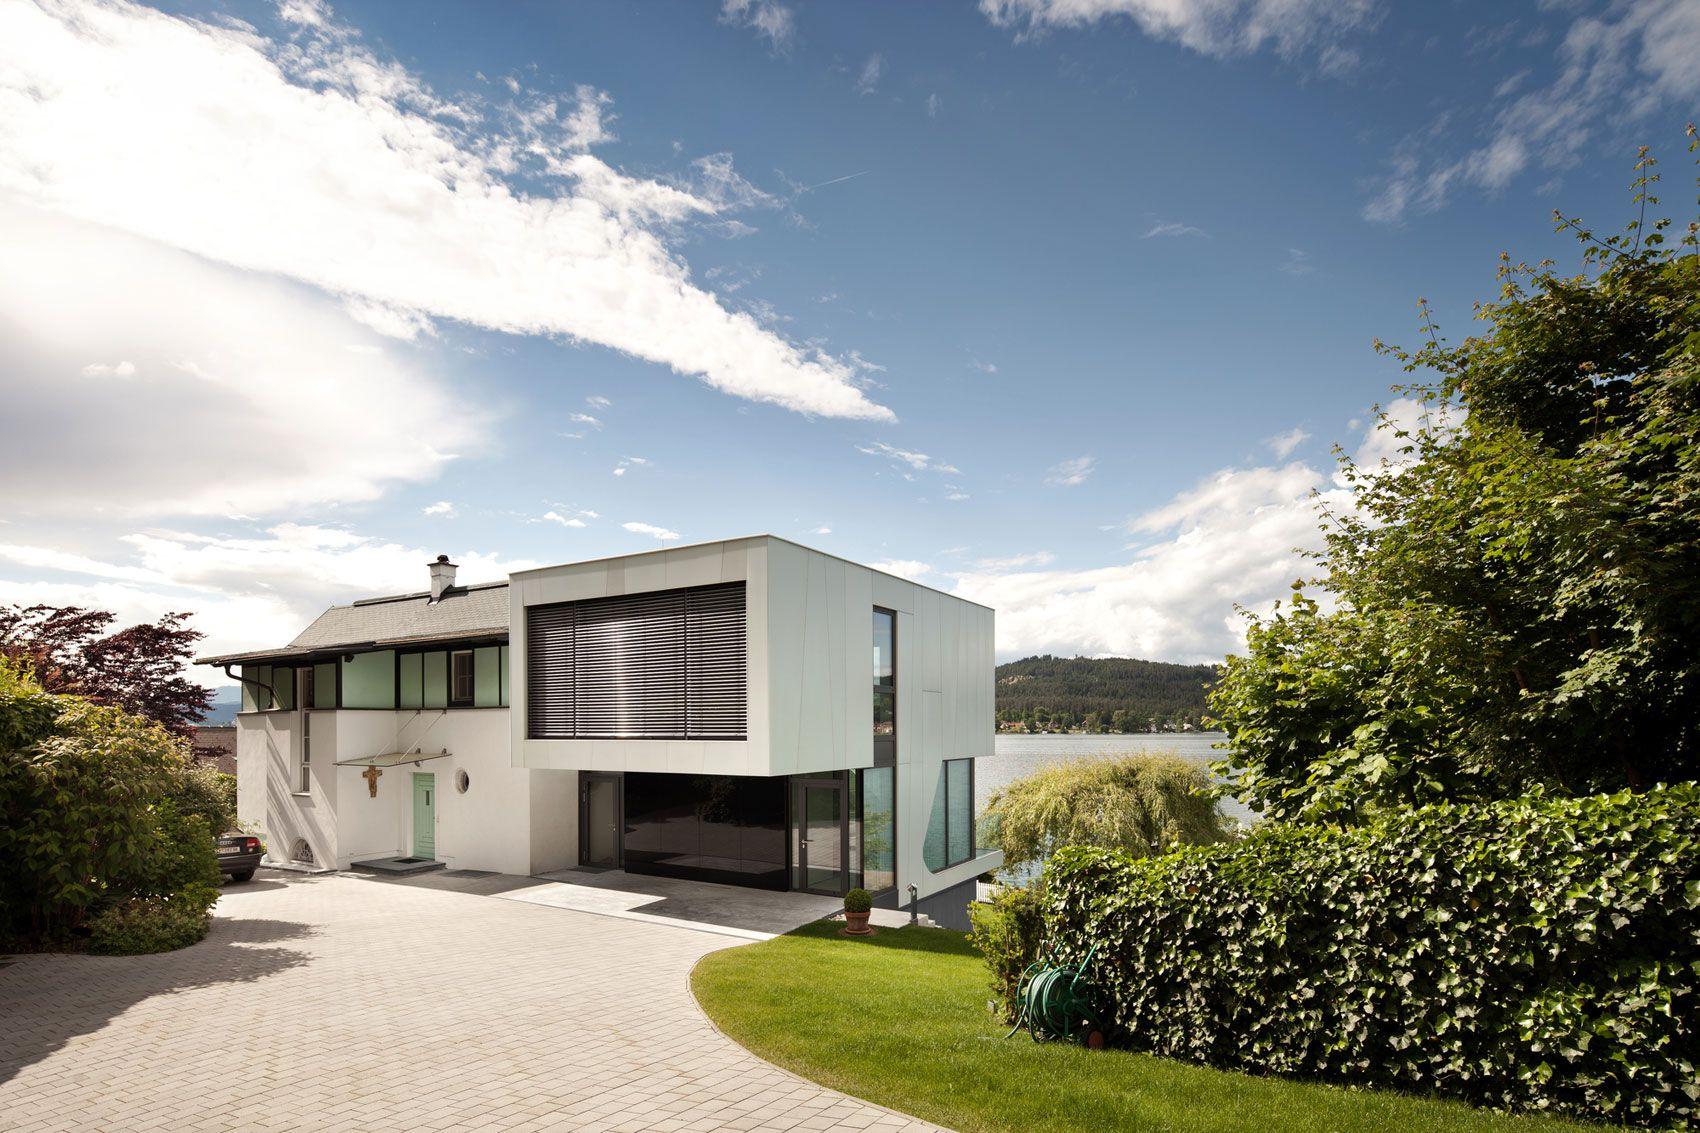 Lakeside-House-02